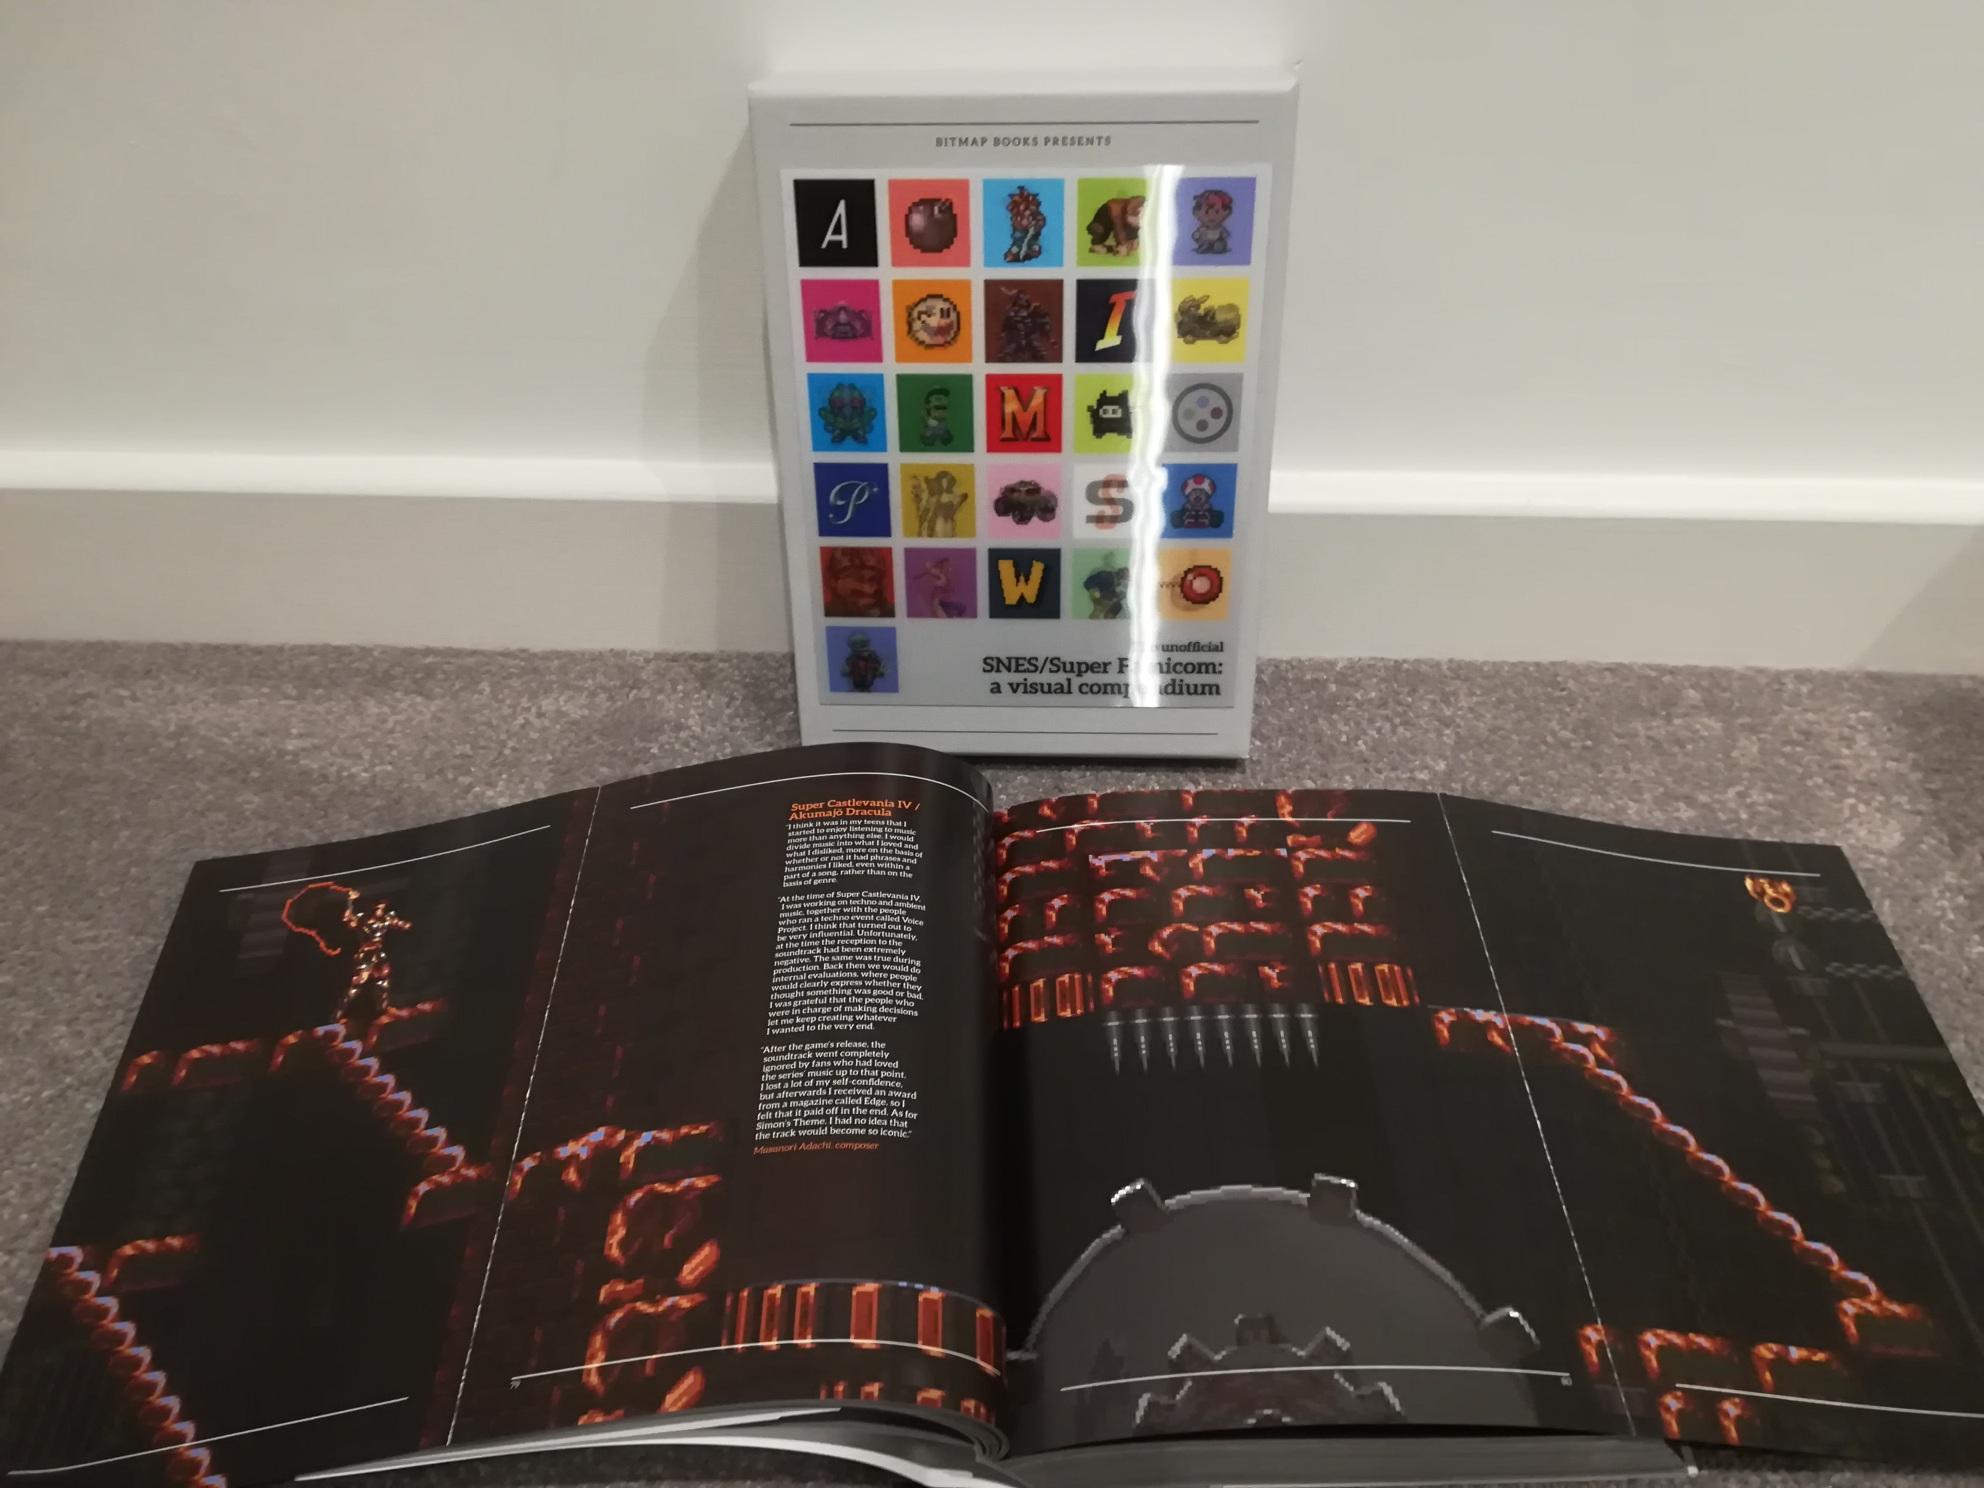 The Unofficial SNES/ Super Nintendo Visual Compendium